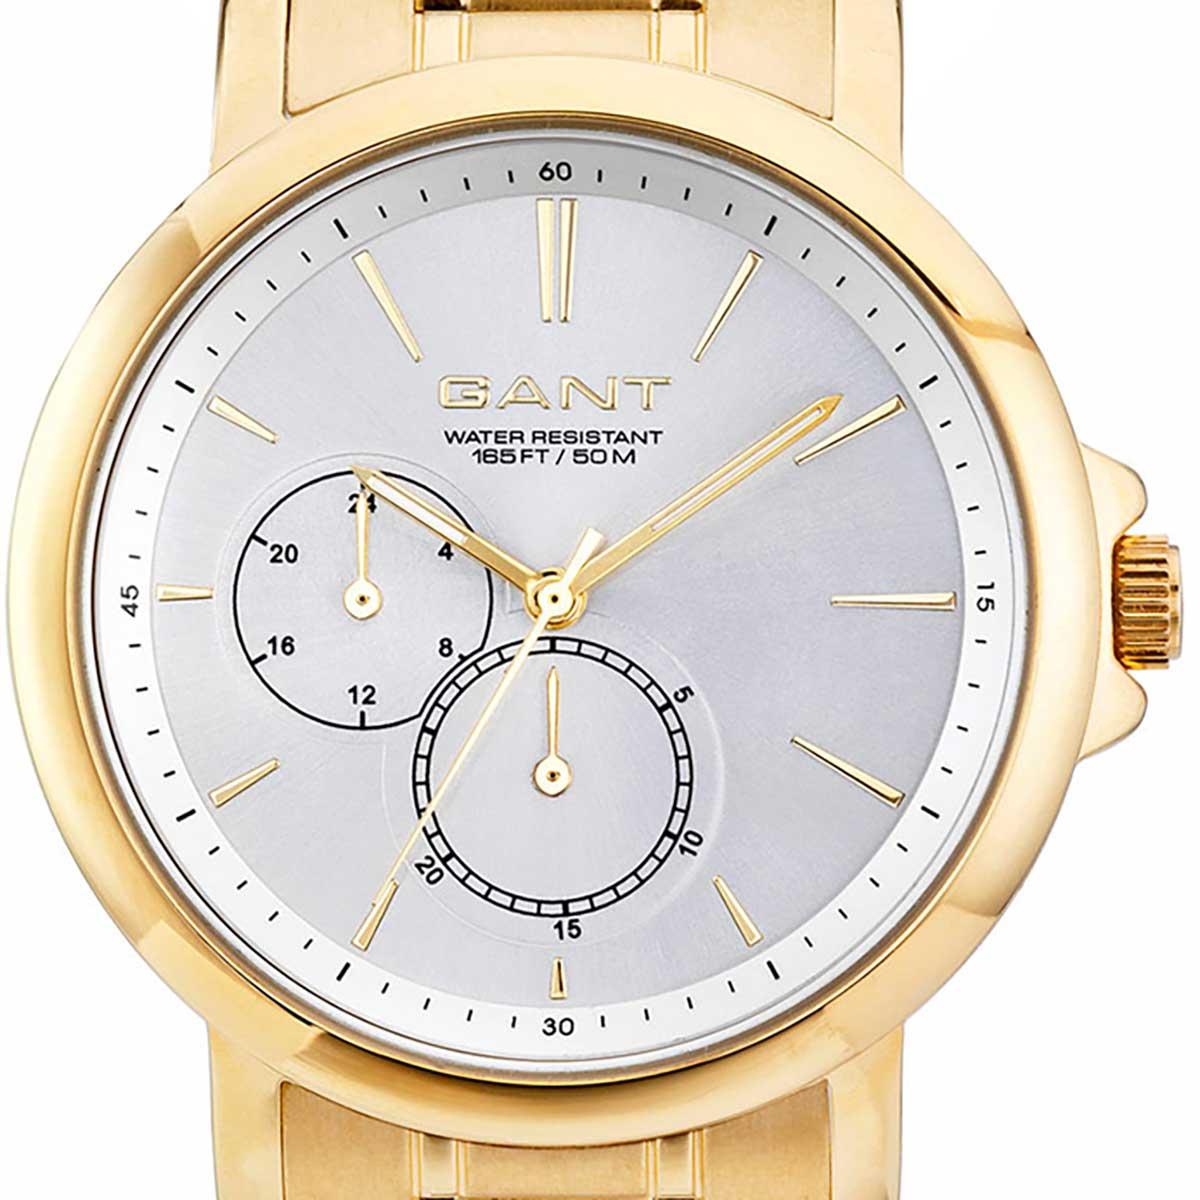 【残り1点】GANT ガント 電池式クォーツ 腕時計 [W70485] 並行輸入品  デイト